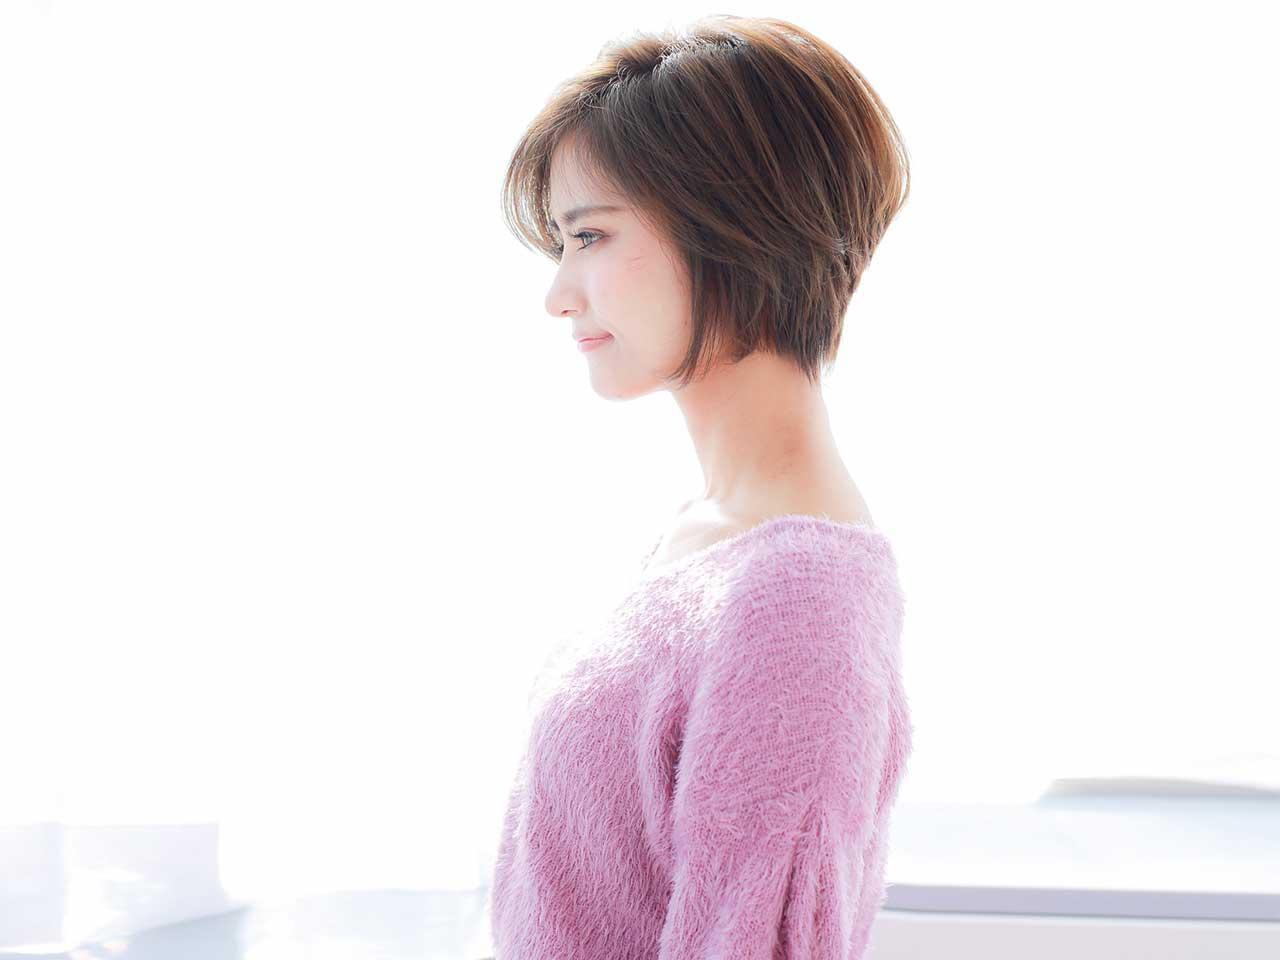 キレイをみつける、叶える。 Kanazawa 美人トレンド